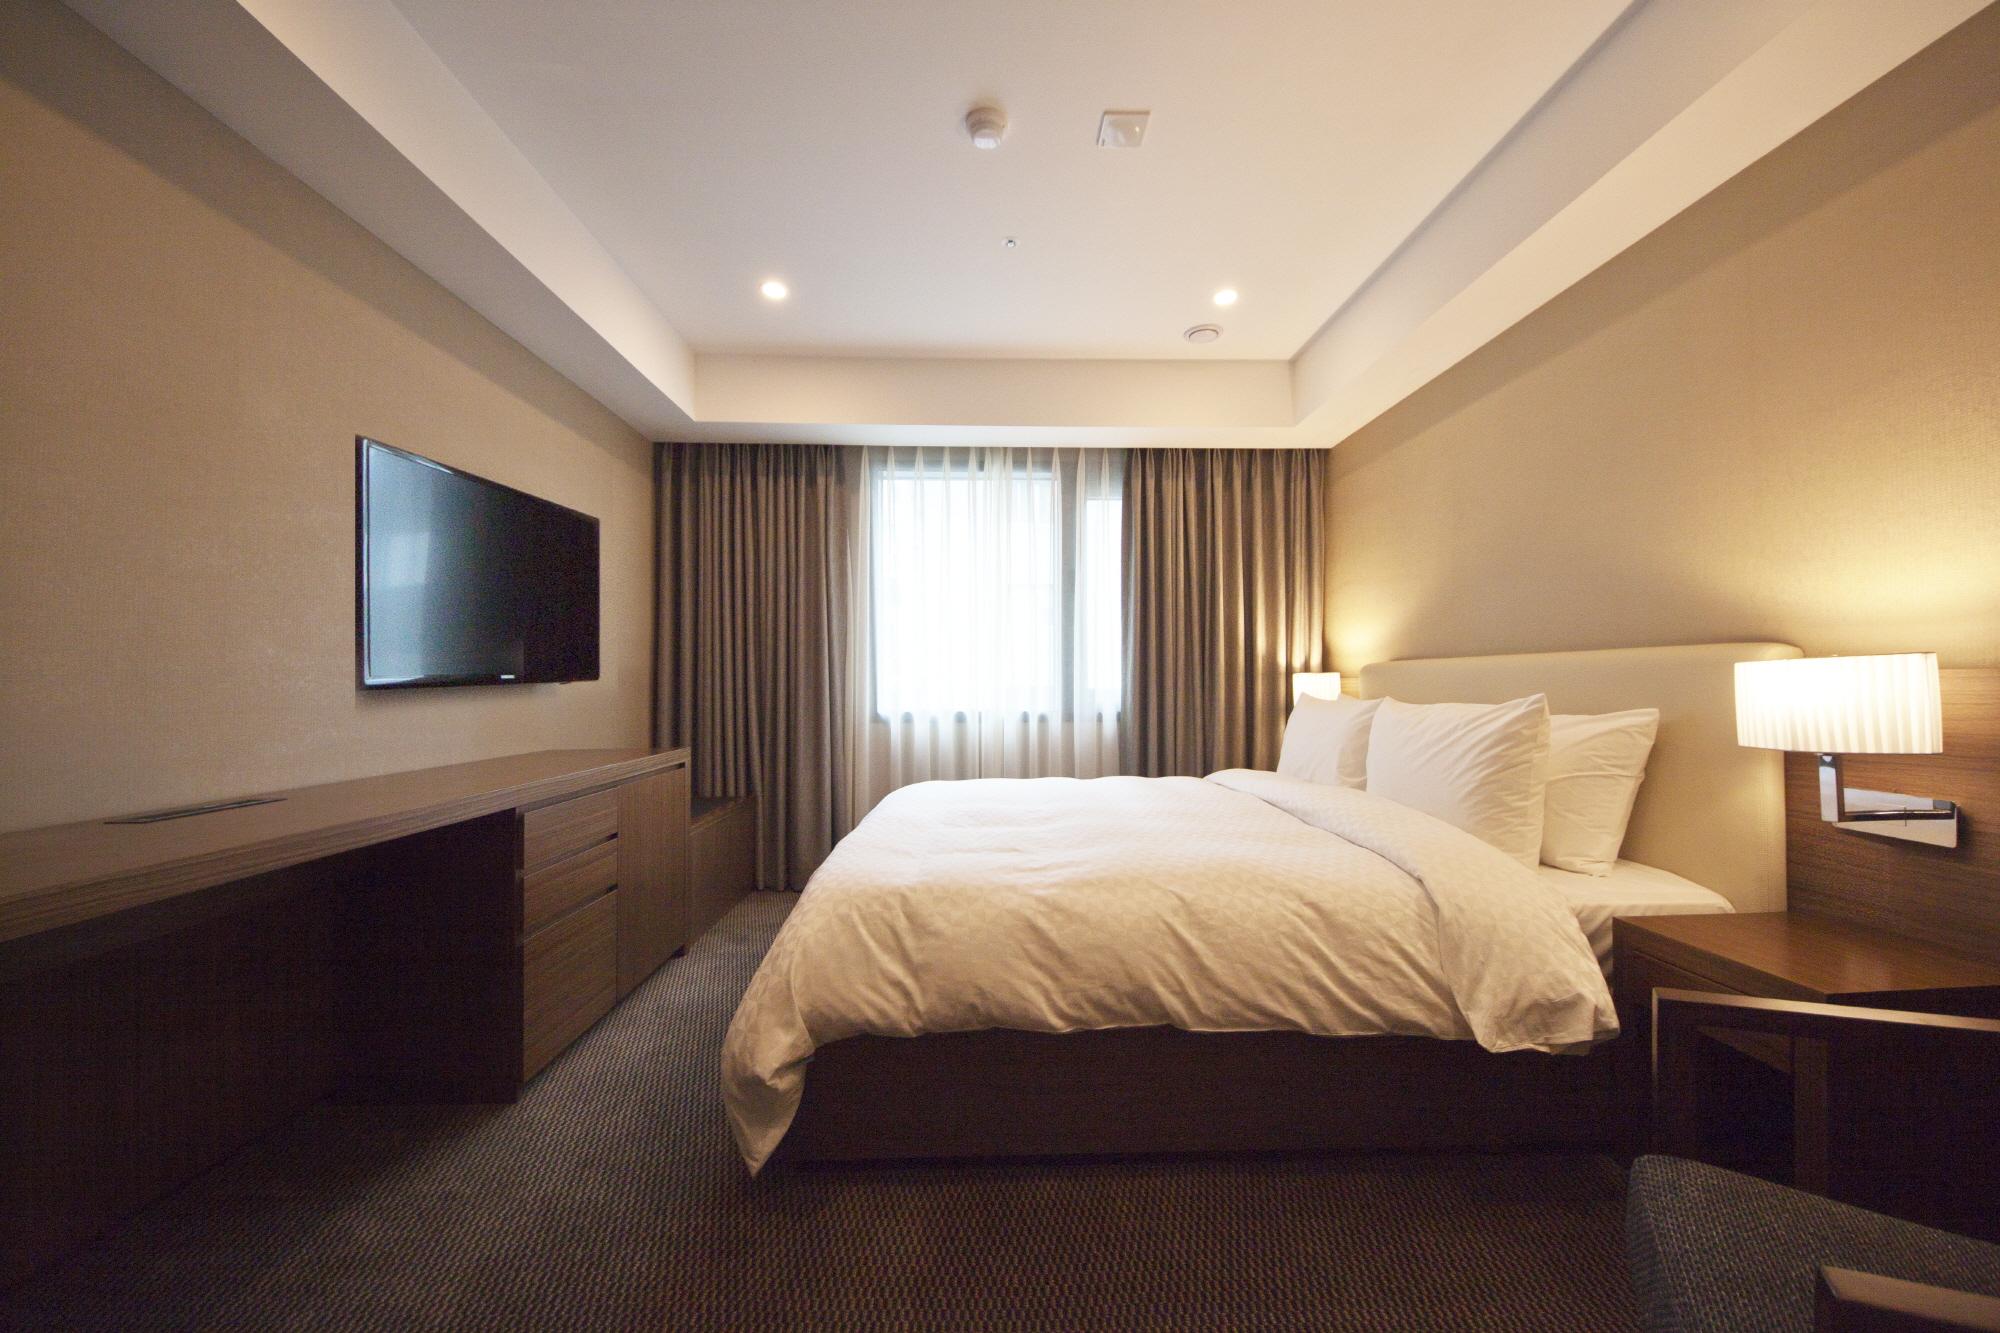 mootaa-bhotel-006